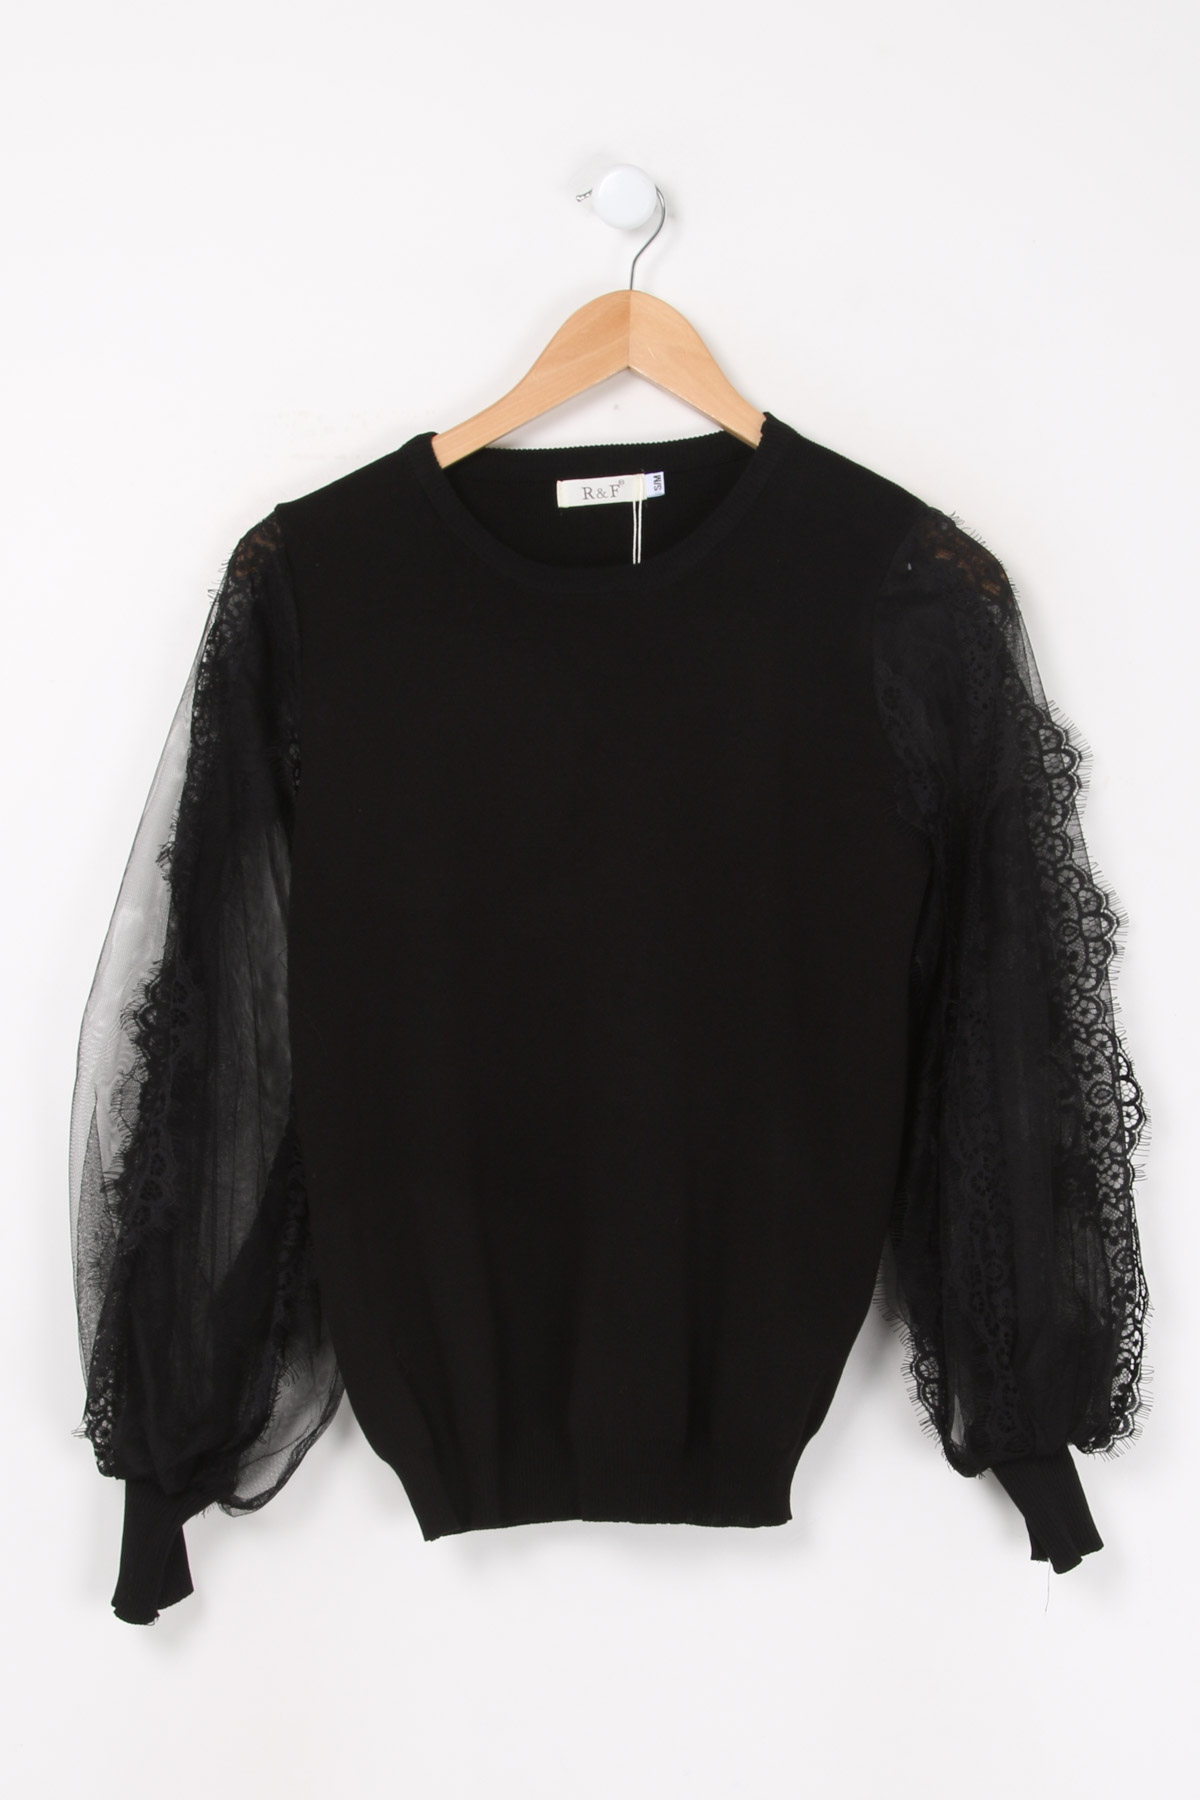 Pulls Femme Noir Rosa Fashion 2029 #c eFashion Paris